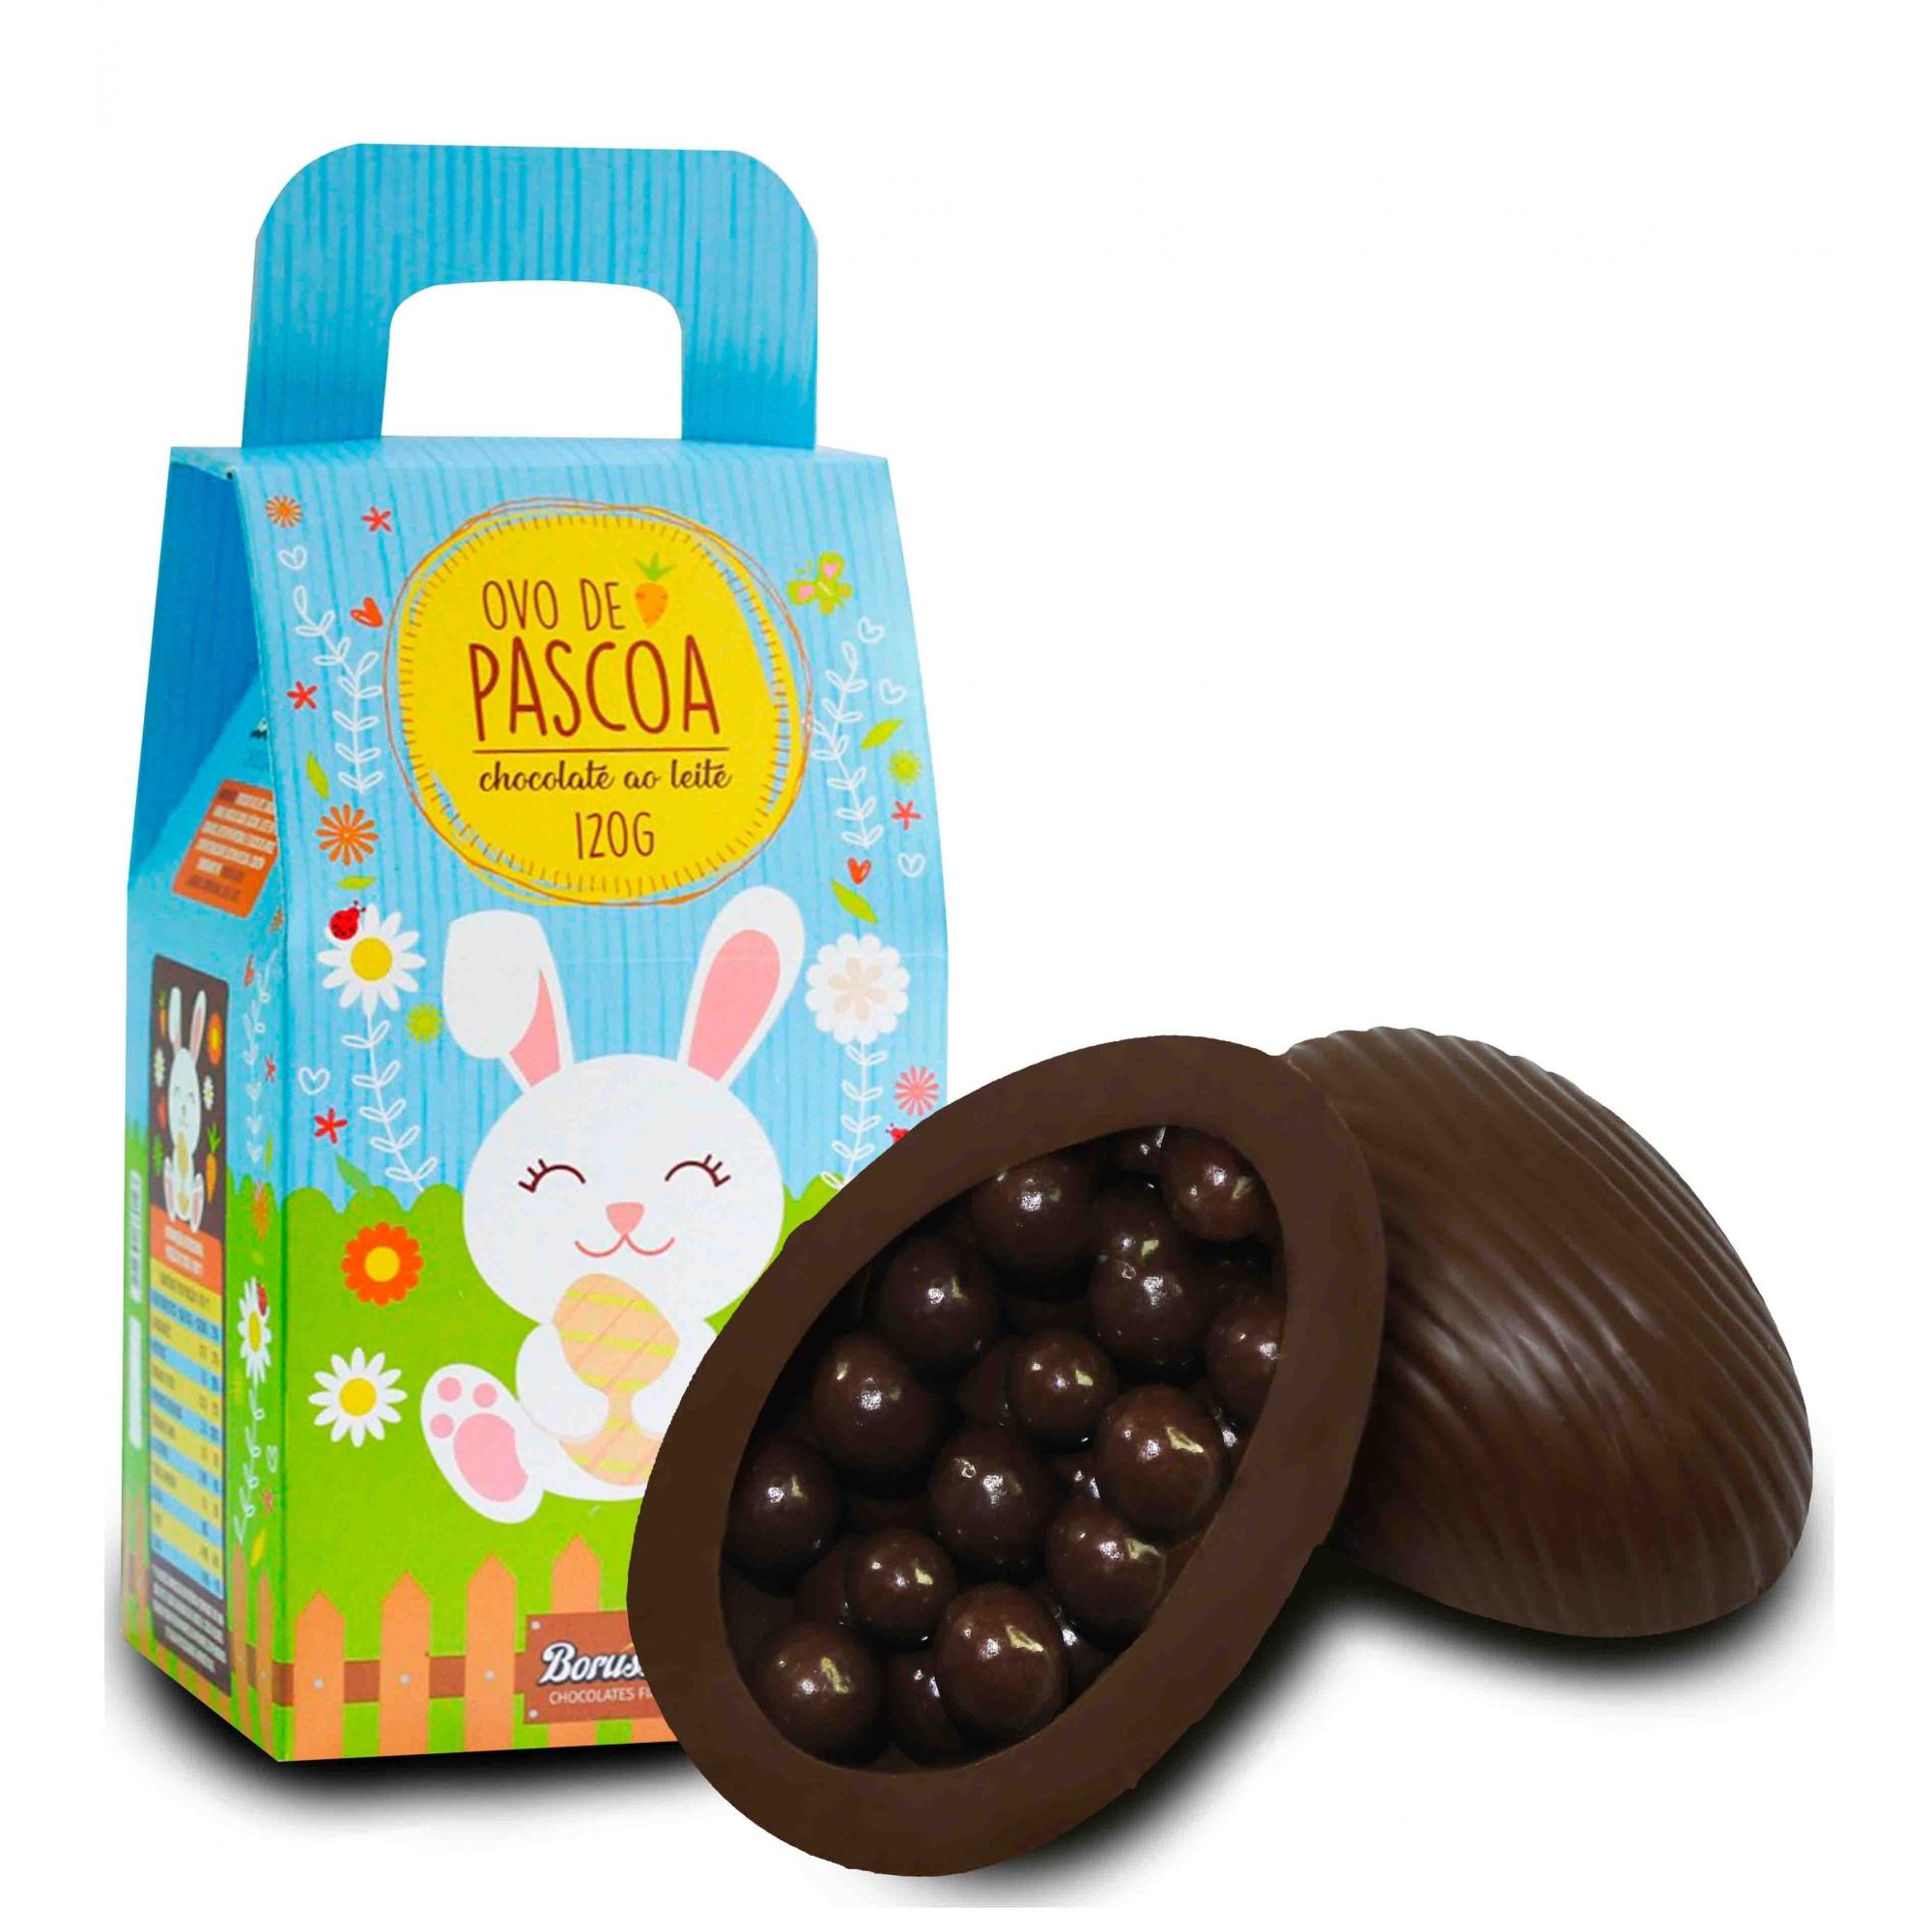 Kit de Páscoa com Chocolate Ao Leite 120g Borússia Chocolates